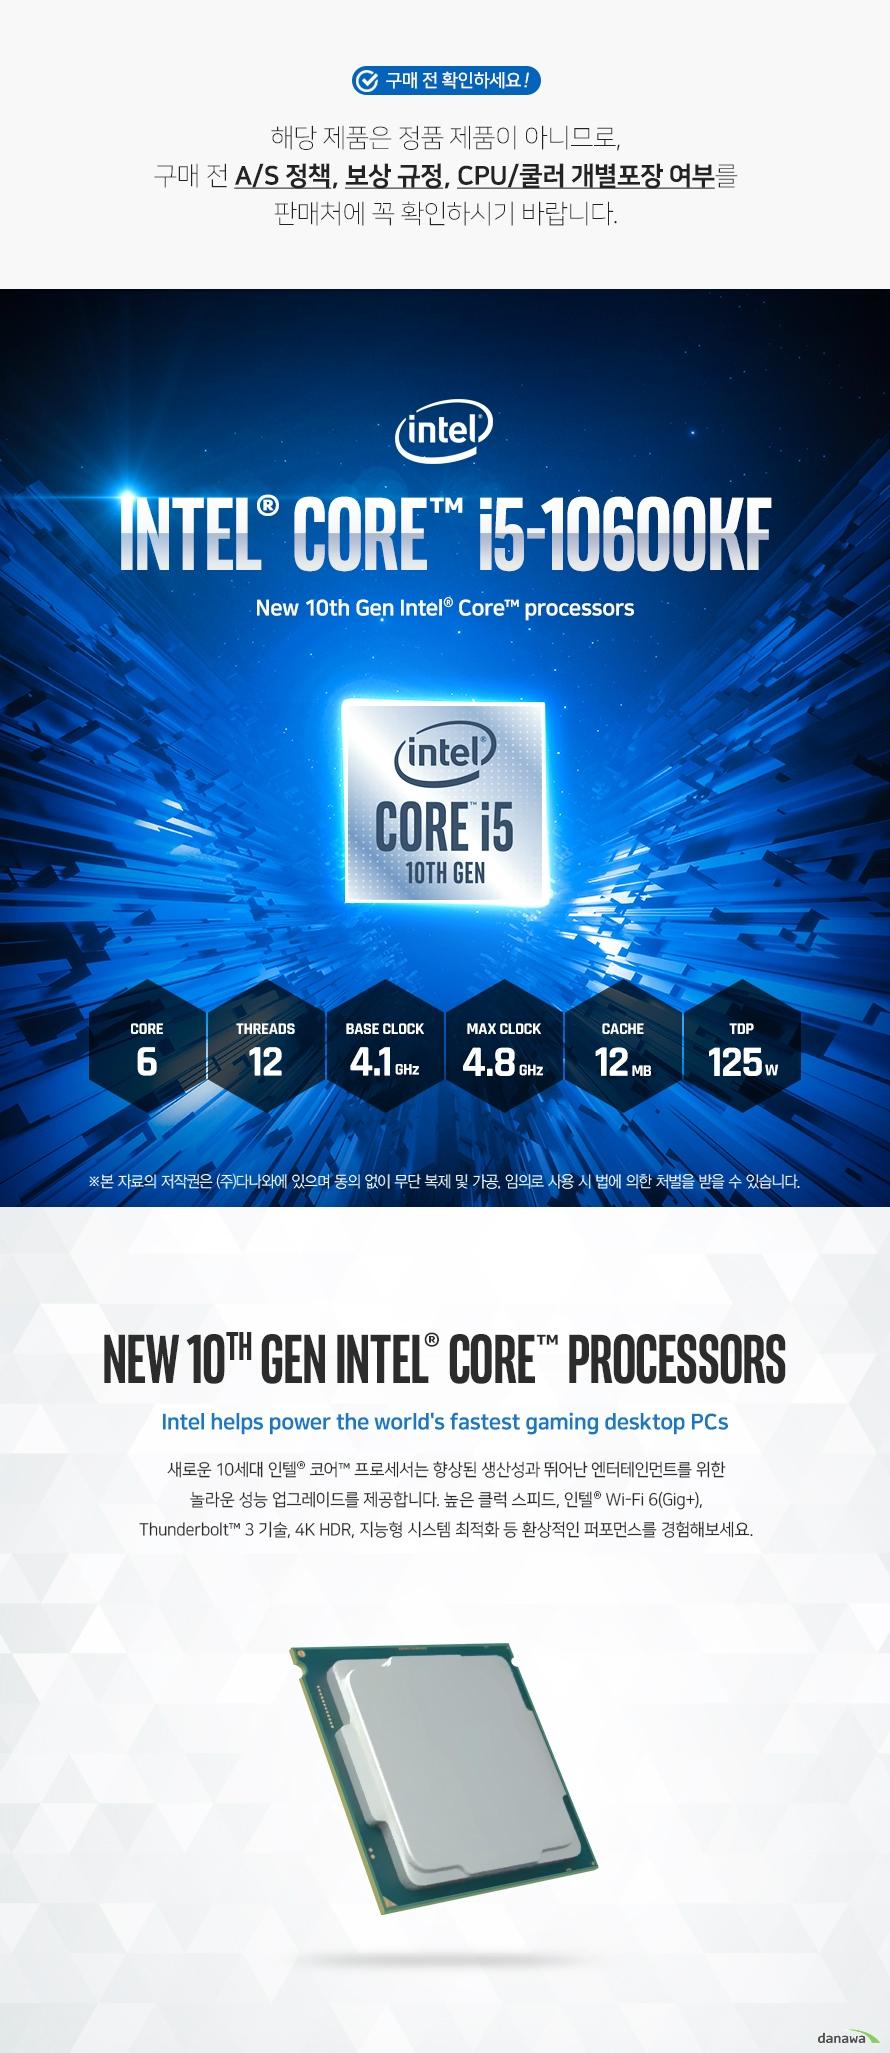 새로운 10세대 인텔® 코어™ 프로세서는 향상된 생산성과 뛰어난 엔터테인먼트를 위한  놀라운 성능 업그레이드를 제공합니다. 높은 클럭 스피드, 인텔® Wi-Fi 6(Gig+),  Thunderbolt™ 3 기술, 4K HDR, 지능형 시스템 최적화 등 환상적인 퍼포먼스를 경험해보세요. 인텔® Wi-Fi 6(Gig+) PC를 사용하여 긴 대기 시간과 잦은 버퍼링, 여러 게이밍 오류의 불편함에서 벗어나고 다양한 장치들로 인해 성능이 저하된 홈 네트워크에서도  더욱 빨라진 Wi-Fi 성능을 경험하십시오.  Thunderbolt™ 3 포트는 현존하는 가장 빠른 USB-C로써 빠른 속도로 데이터 및 대용량 파일을 전송하여 게임을 즐길 수 있습니다. 더욱 많은 게임 라이브러리를 외장 SSD에 저장하고 어디서든 지연없이 게임을 플레이할 수 있습니다.  환상적인 게임 내 경험을 원하는 게이머, 제작과 공유는 더 많이 하려는 제작자  모두에게 이 새로운 세대의 프로세서는 새로운 차원의 성능을 선사합니다.  듀얼 채널 DDR4 메모리를 지원하여 기존 DDR3 메모리에 비해 향상된 빨라진 성능과 전력 효율 상승 효과로 최상의 성능 및 환경을 제공합니다.  인텔® Thermal Velocity Boost(인텔® TVB), 인텔® 스마트 캐시, 고도로 발전된 오버클러킹 툴,  인텔® 이더넷 연결 I225 등 10세대 인텔® 코어™ 데스크탑 프로세서는 게이머 및 제작 전문가들에게  놀라운 수준의 성능 이점을 제공합니다.  사용자가 수행하는 작업을 학습하고 이에 적응하여 가장 필요한 곳에 동적으로 성능을 할당합니다. 뛰어난 반응성을 제공해 더 많은 작업을 수행할 수 있습니다.  10세대 인텔® 코어™ 프로세서는 통합 인텔® Wi-Fi 6(Gig+), 인텔® 이더넷 연결 I225 및 Thunderbolt™ 3 기술을 통해 빠르고 안정적인 유무선 연결을 제공합니다.  새로운 그래픽 아키텍처는 4K HDR 비디오 및 1080p 게이밍 등 생생한 시각적 경험을 지원하며 인텔® Iris® Plus로 전례없는 엔터테인먼트 경험을 제공합니다.  스트리밍과 레코딩을 동시에 하면서 높은 FPS로 게임을 즐길 수 있습니다. 터부 브스트 및 인텔® Optane™ 메모리로 궁극의 게이밍 시스템을 구성할 수 있습니다.